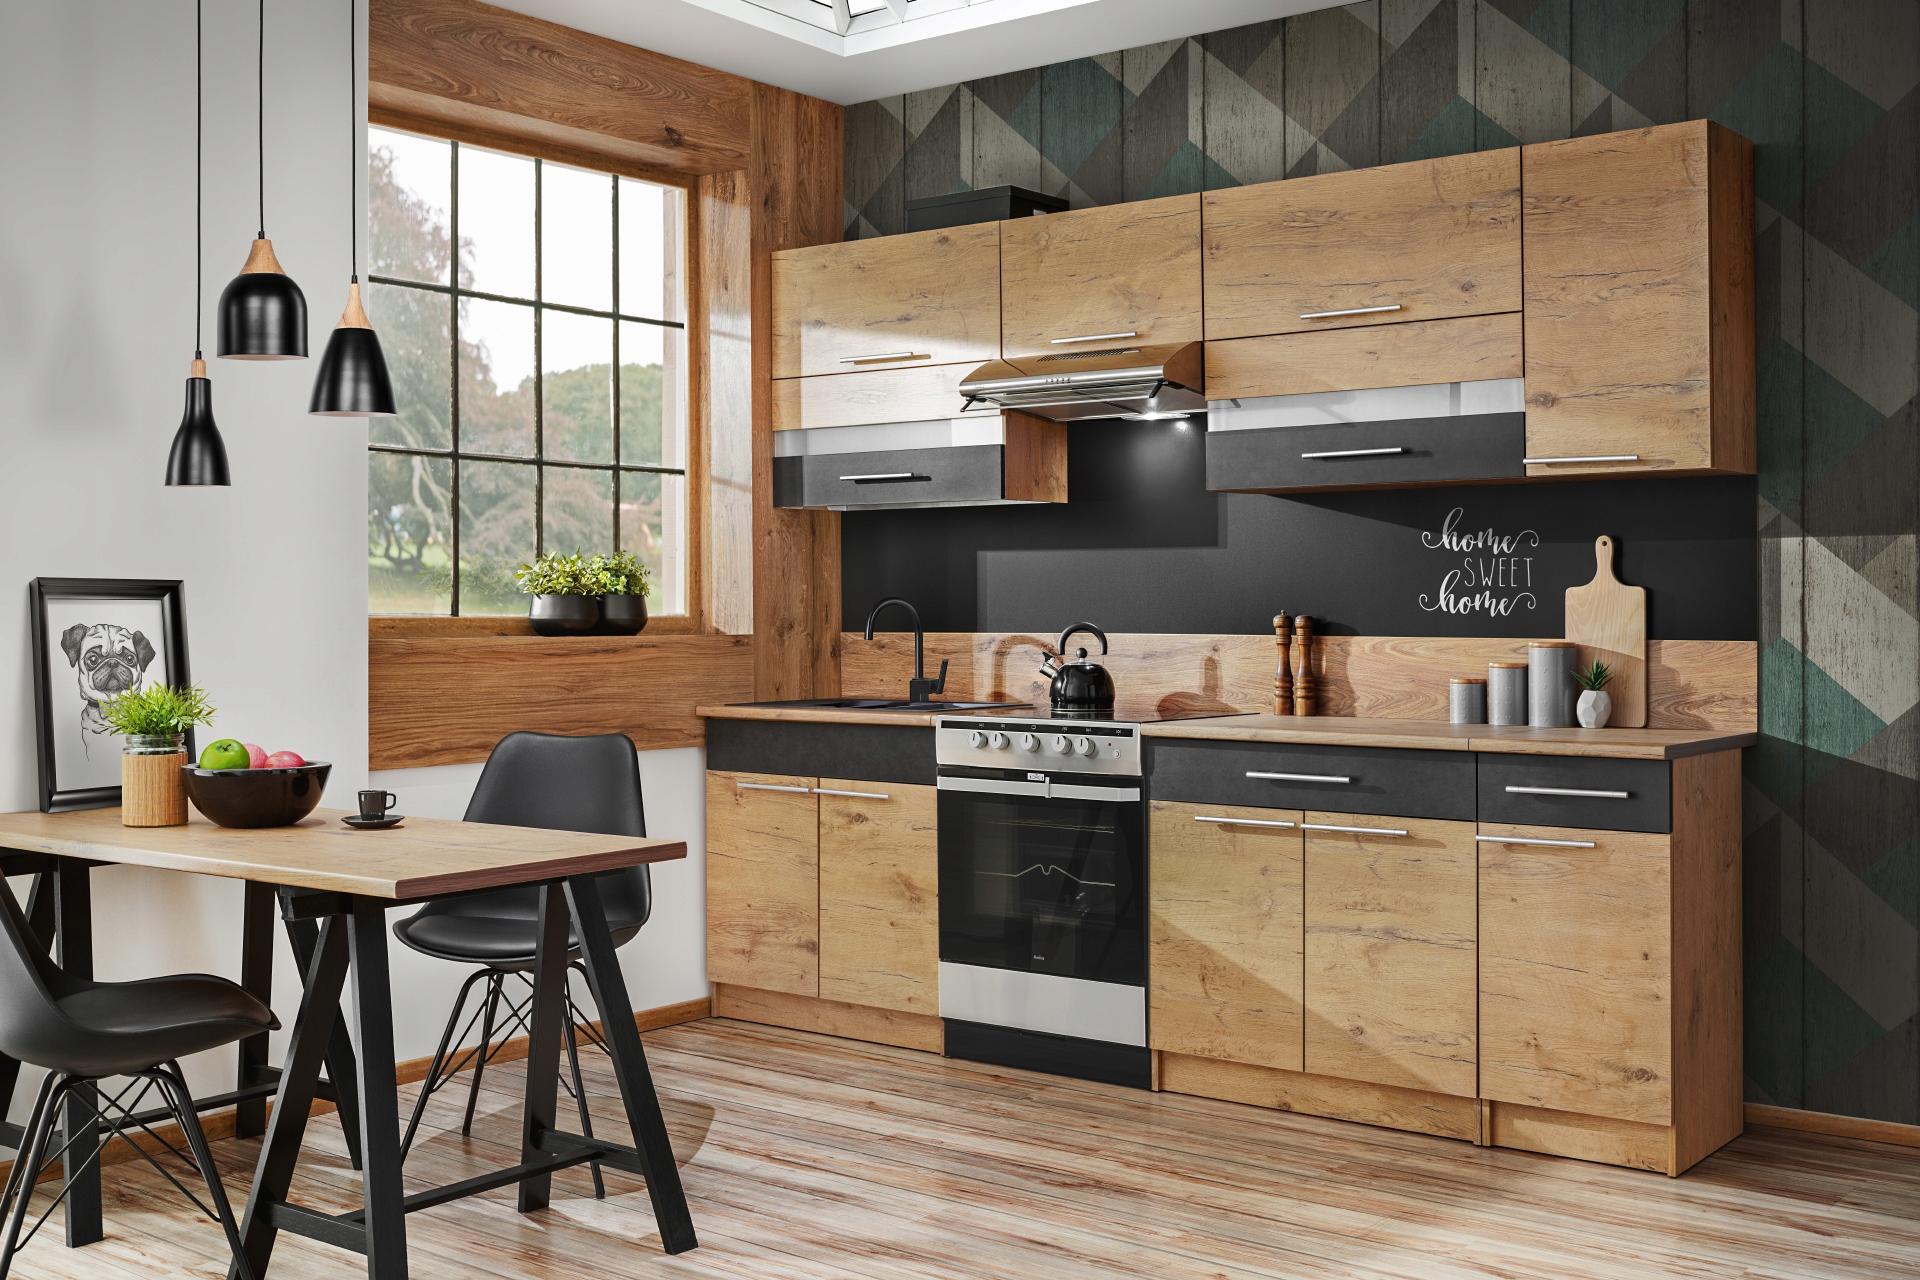 Кухонная мебель ЭДЭК 2 - ЛАНСЕЛОТ + БЕТОН 2.4 м